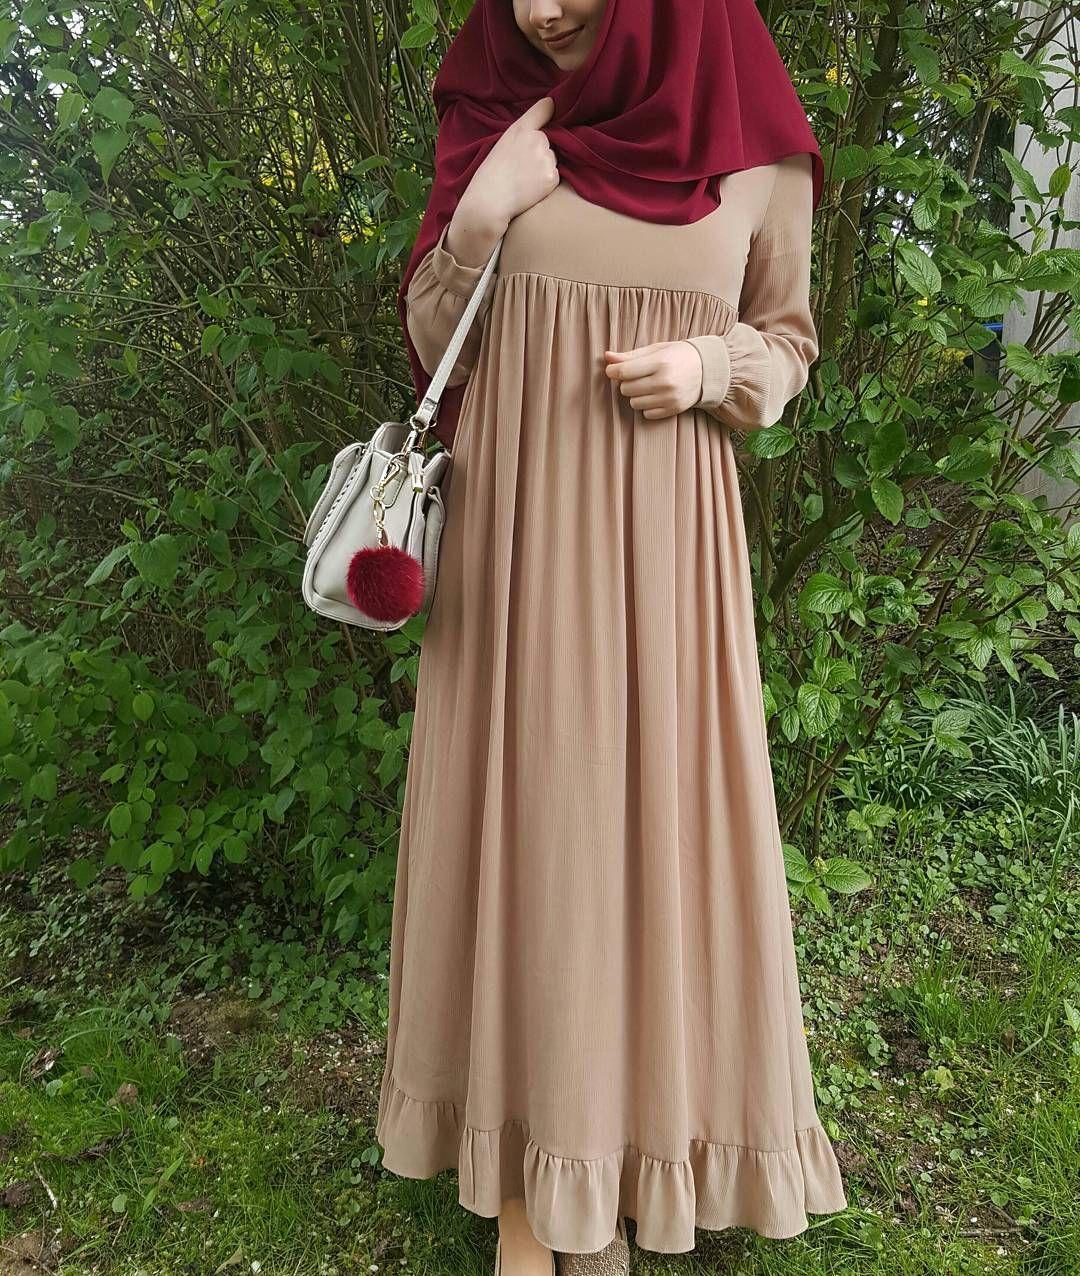 صورة حجابات مخيطة , طرح تفصيل